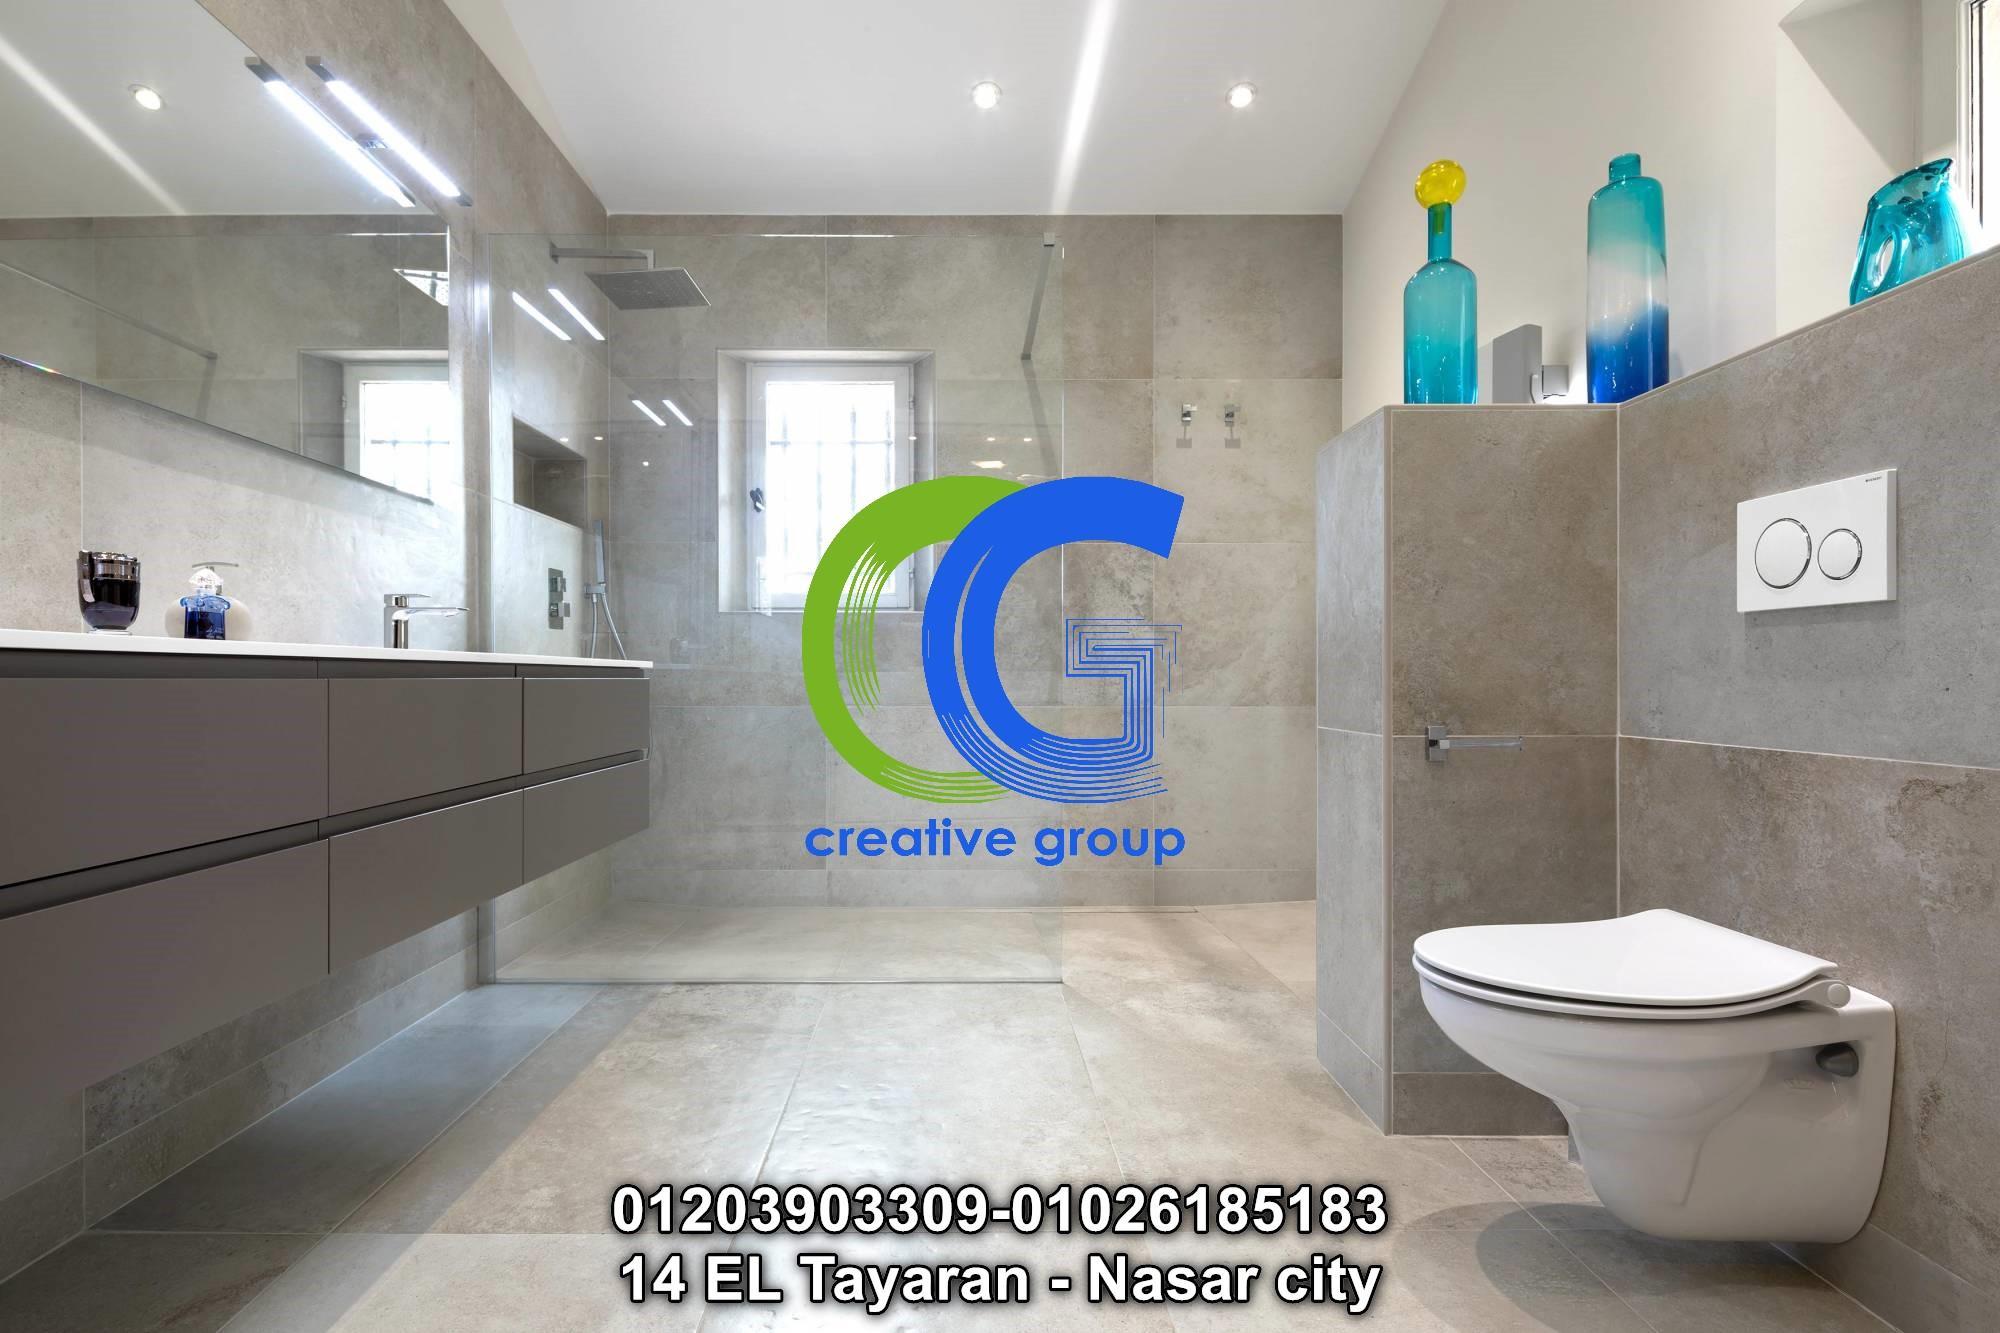 معرض وحدات حمام بولى لاك – تصميمات مميزة – كرياتف جروب – 01203903309 570626109